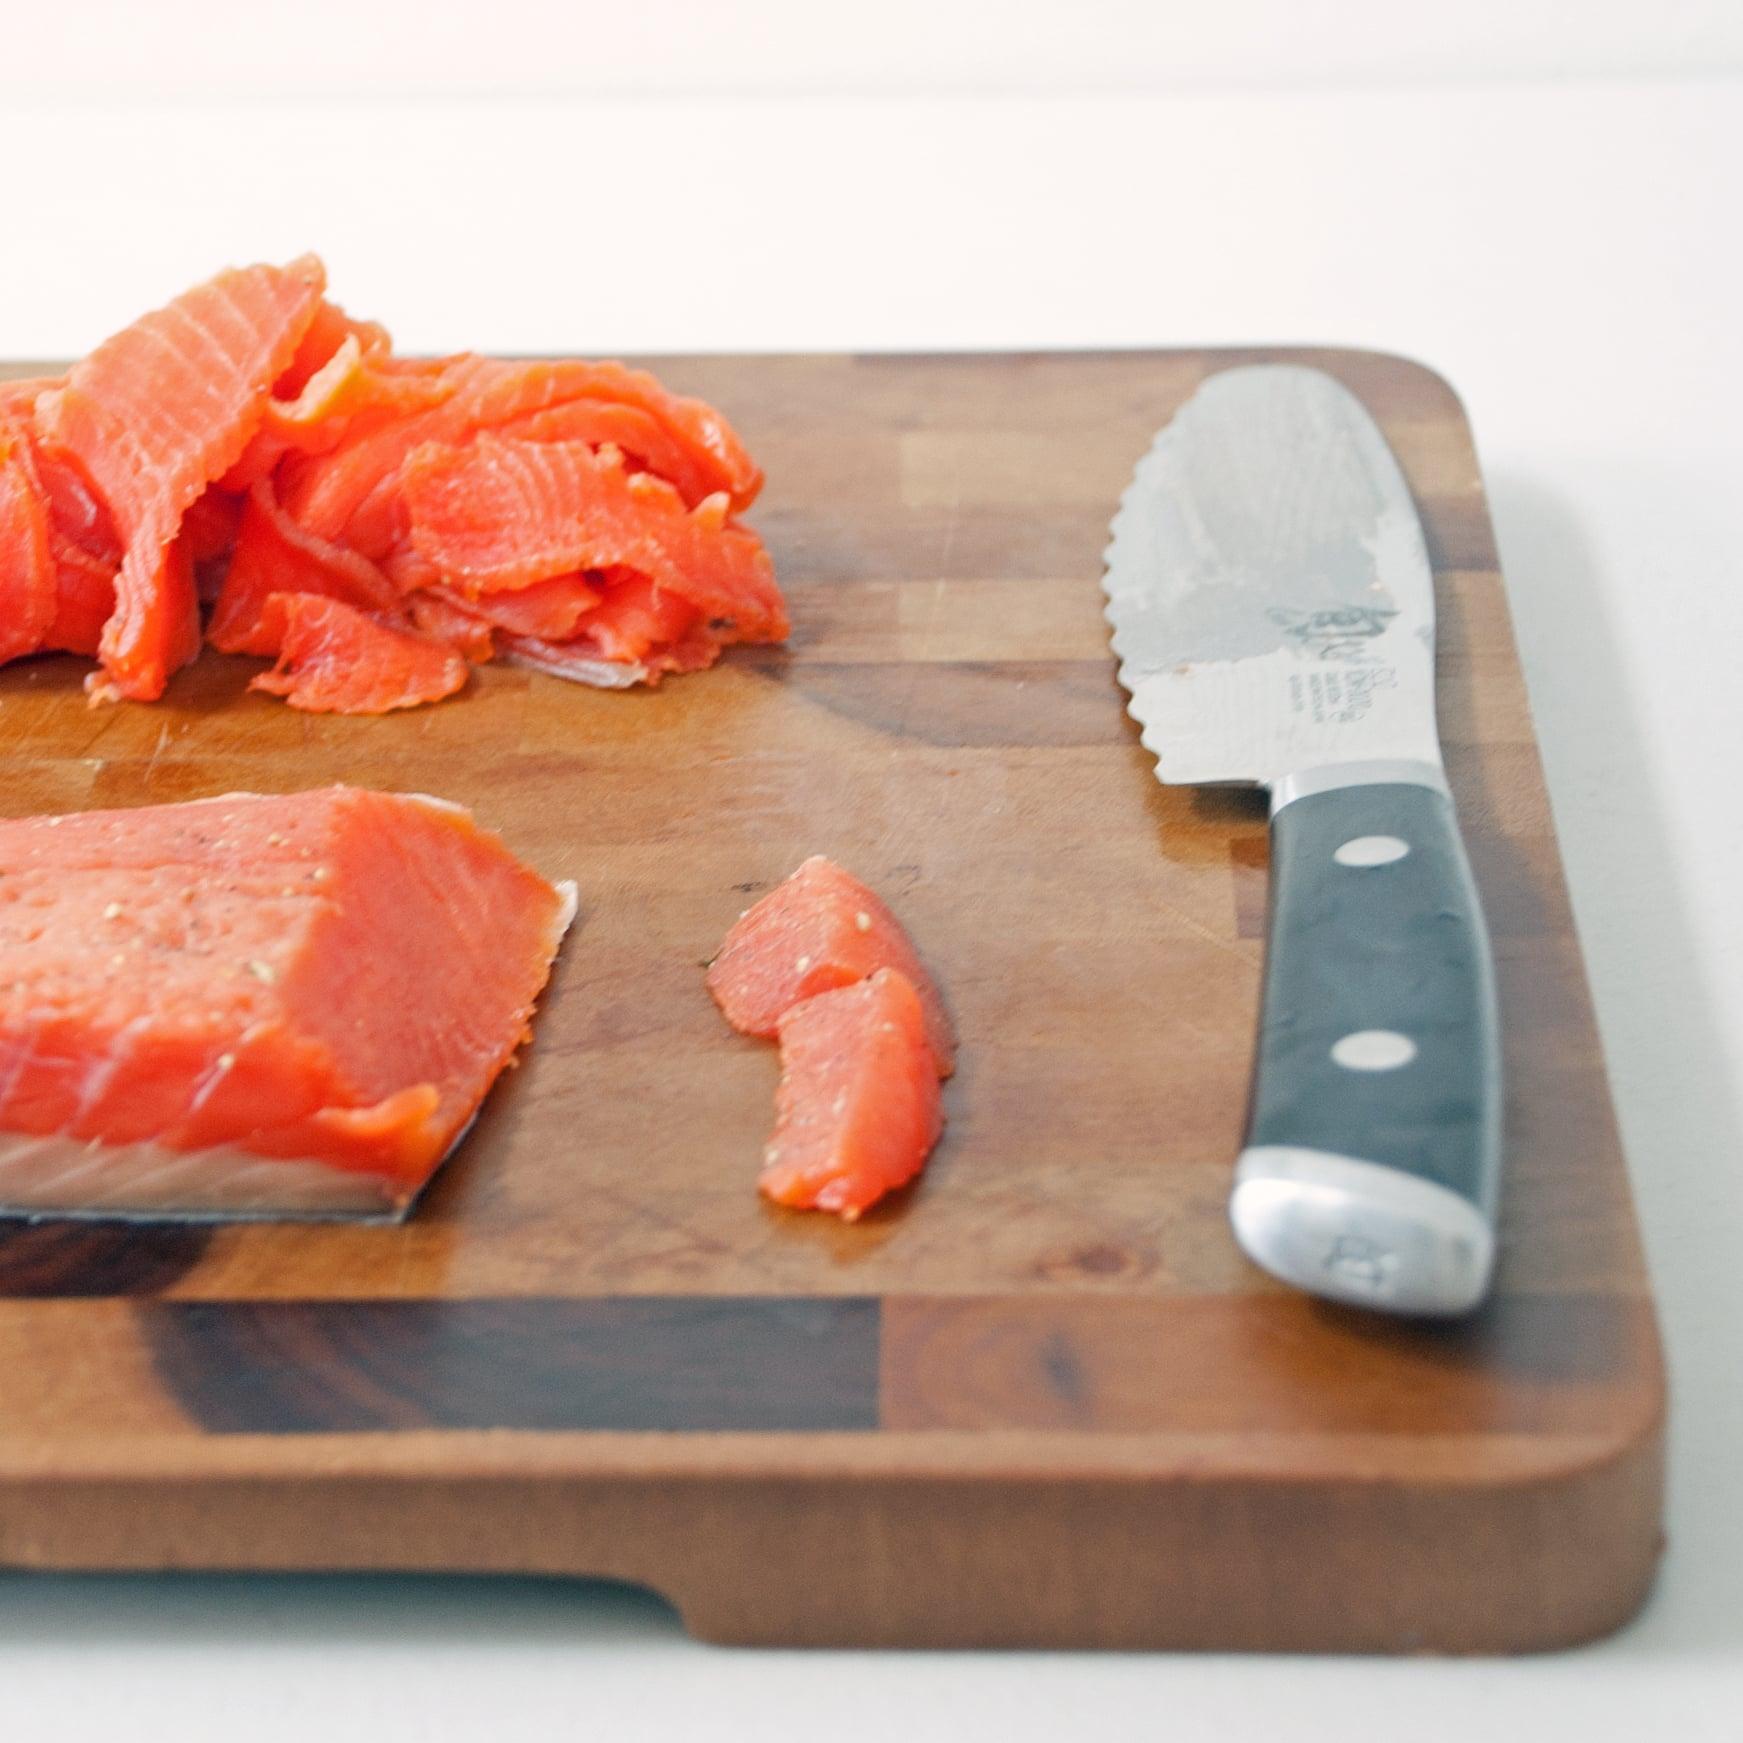 Slice the Gravlax